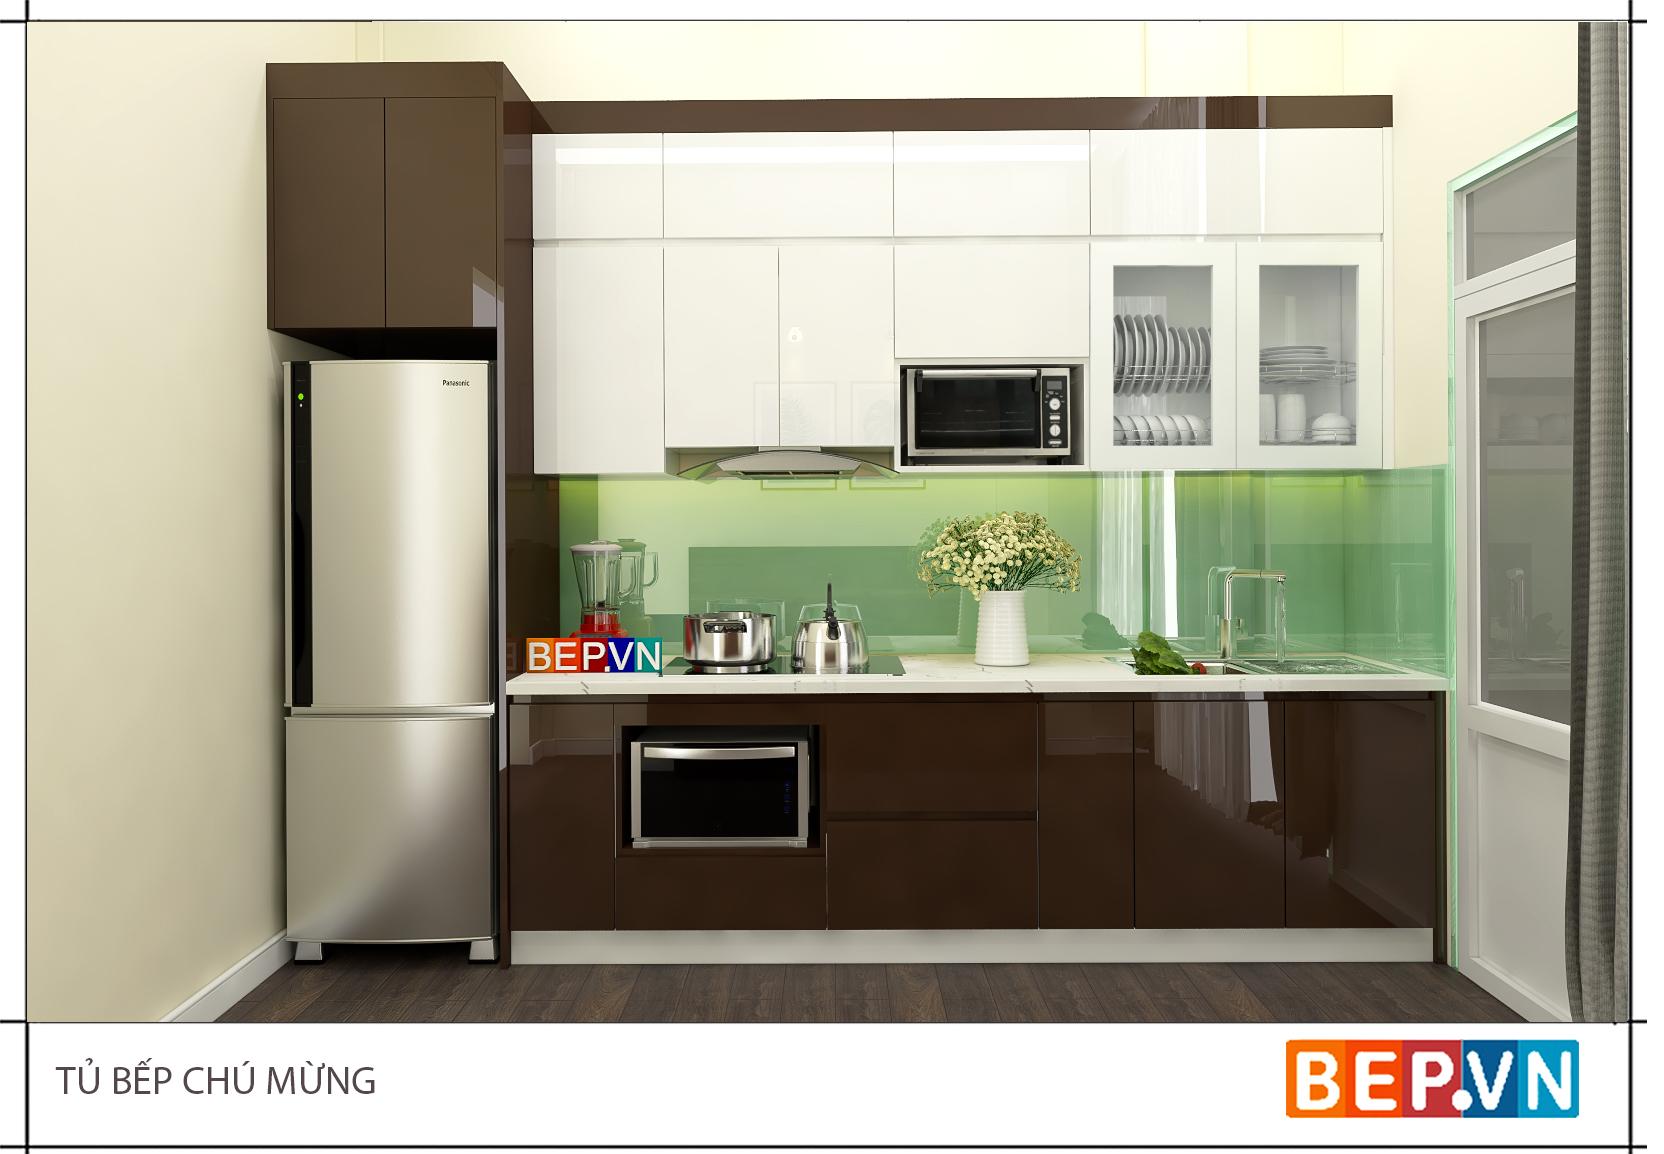 Mẫu tủ bếp gỗ công nghiệp Acrylic theo đường thẳng với nhiều ưu điểm nổi bật.